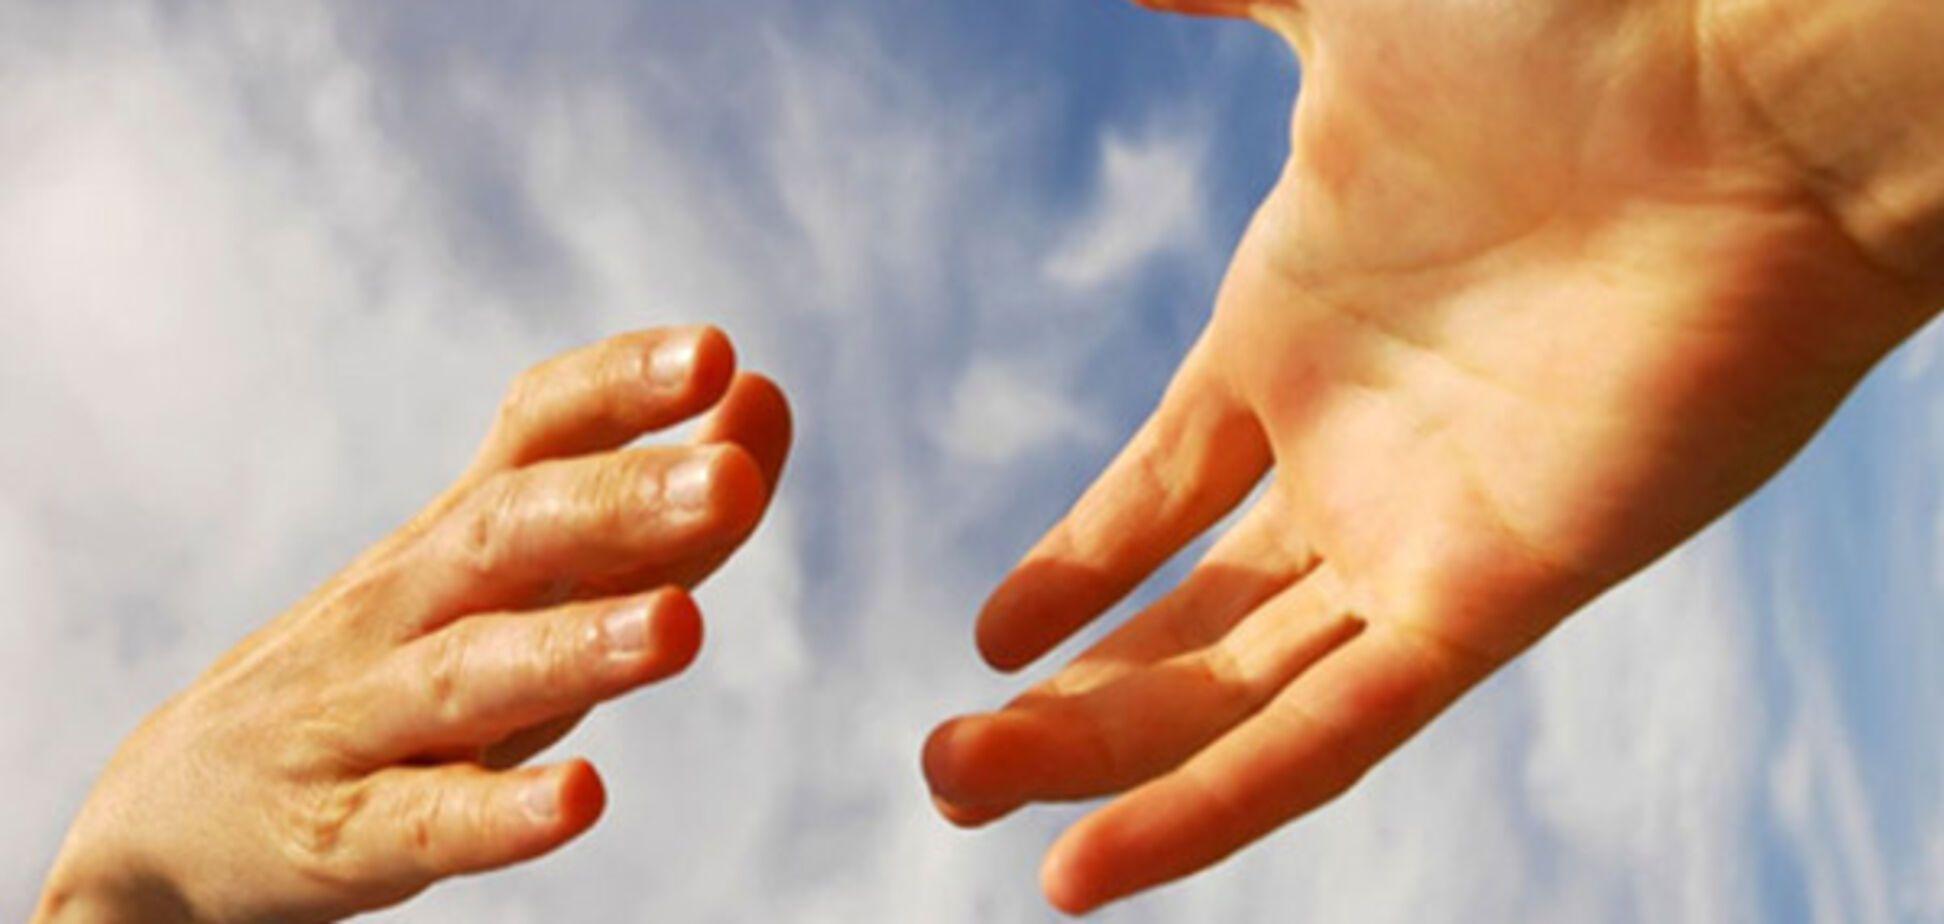 Семья из Запорожья нуждается в помощи (ФОТО)